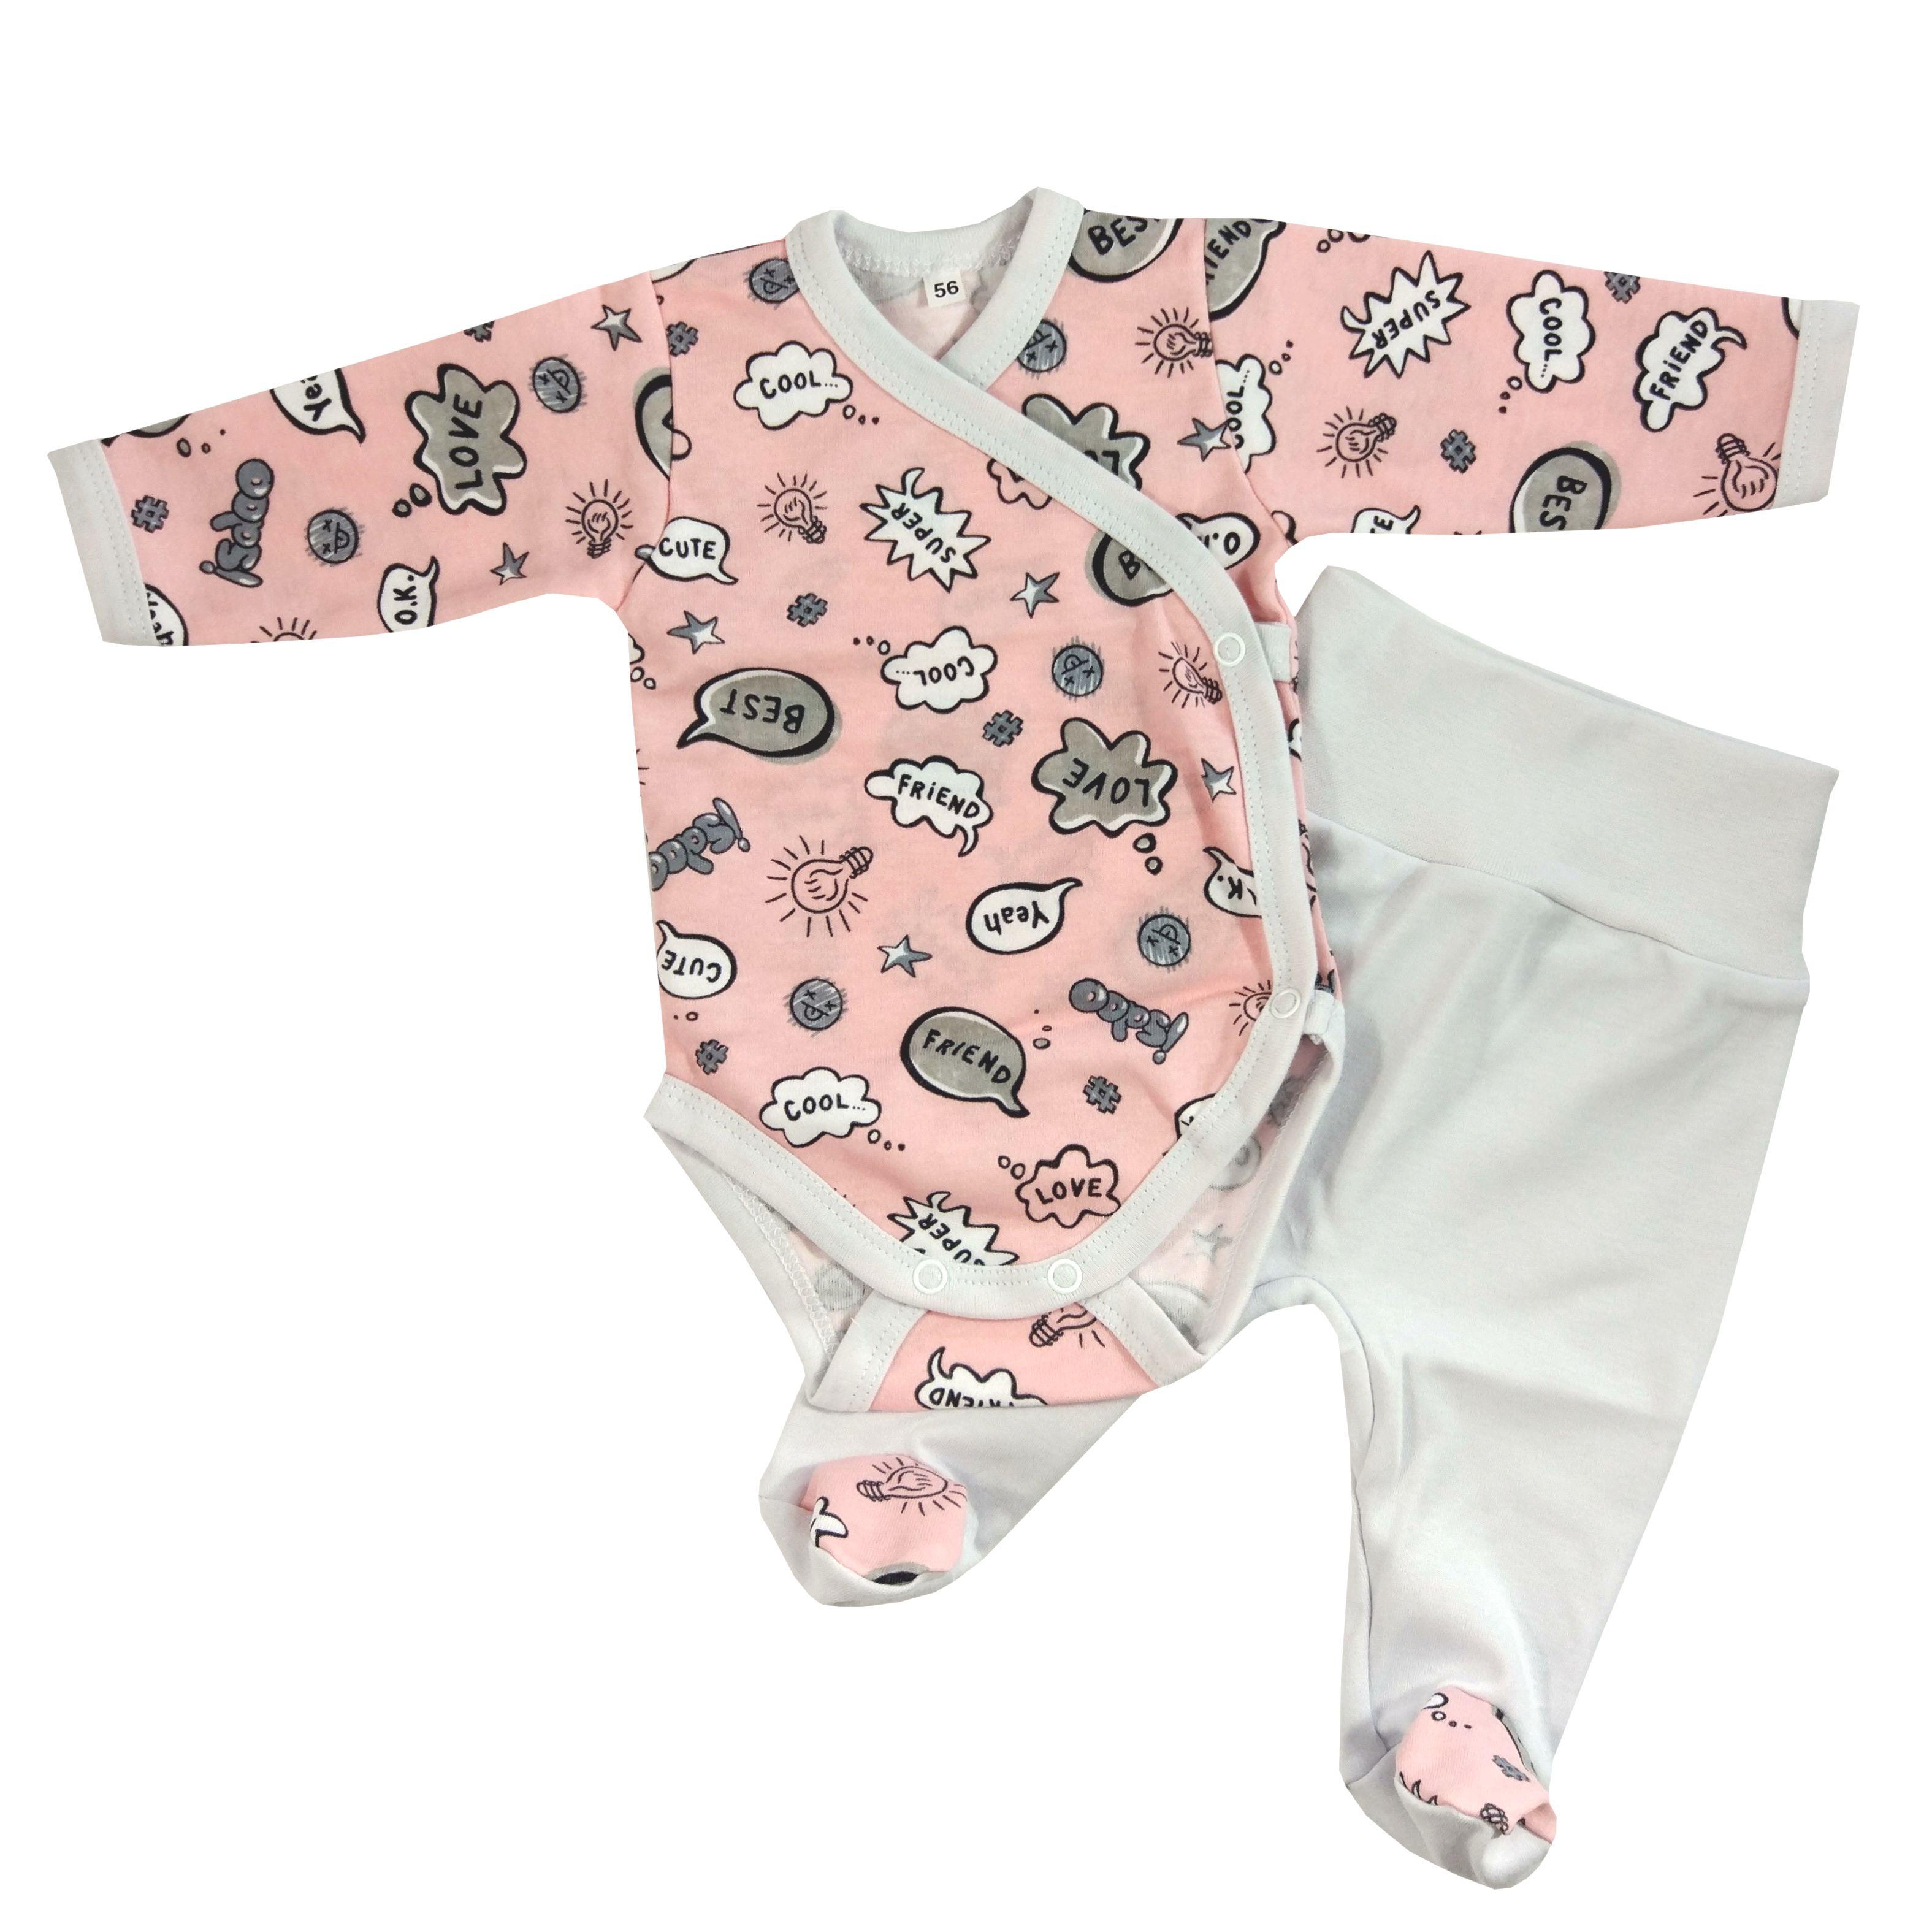 Bezpieczne Produkowane W Polsce Ubranka Dla Niemowlakow Zadbaj Z Nami O Zdrowie Swojego Dziecka Baby Onesies Onesies Kids